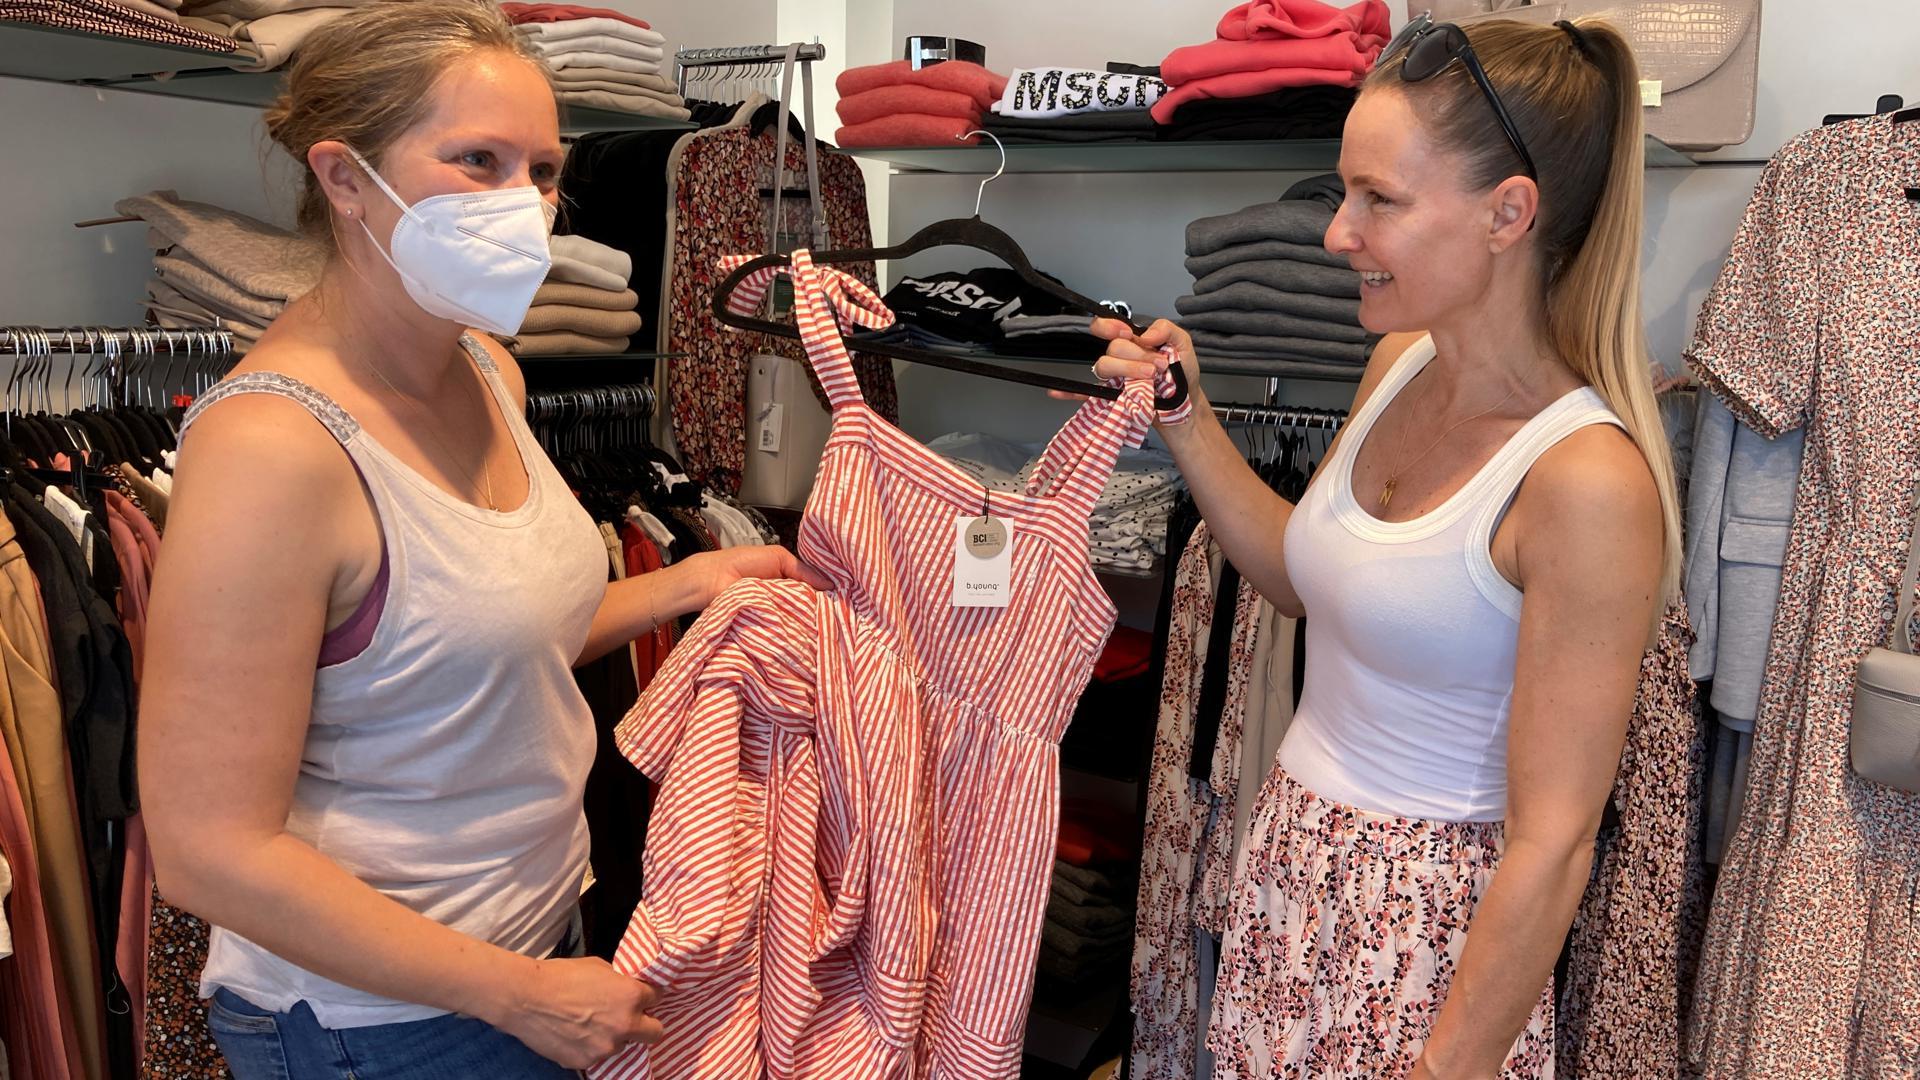 Kleider für Feste sind wieder gefragt: Nadine Eisele (von rechts) berät in ihrem Lykke Concept Store in der Leopoldstraße Kundin Nadine Butzengeiger bei der Auswahl.